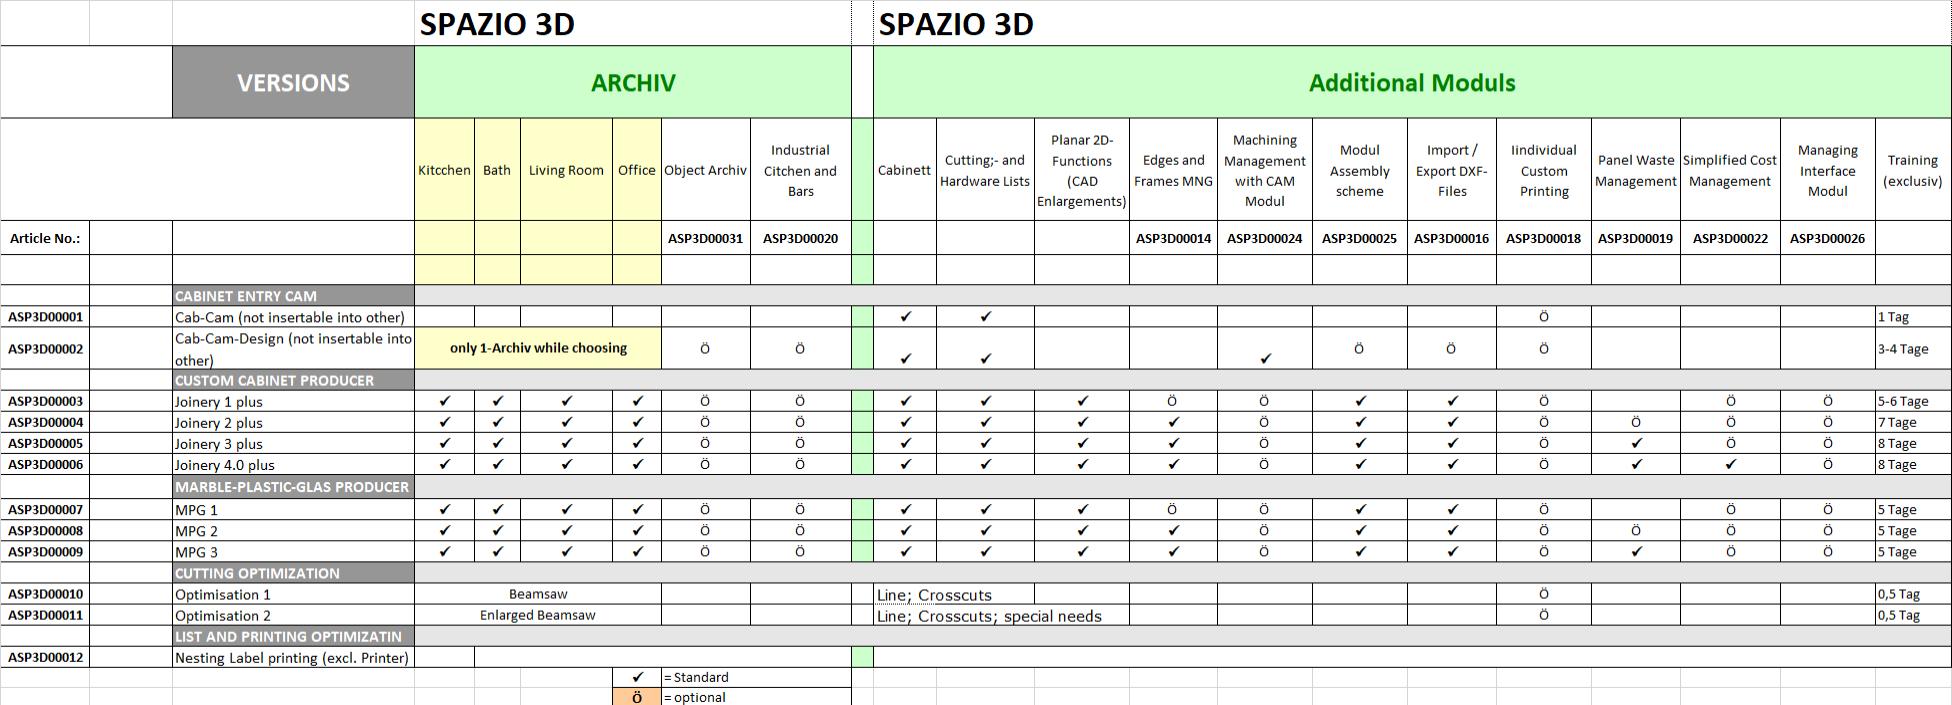 9_Tecnoteam_Datenblatt_Spazio3D_EN